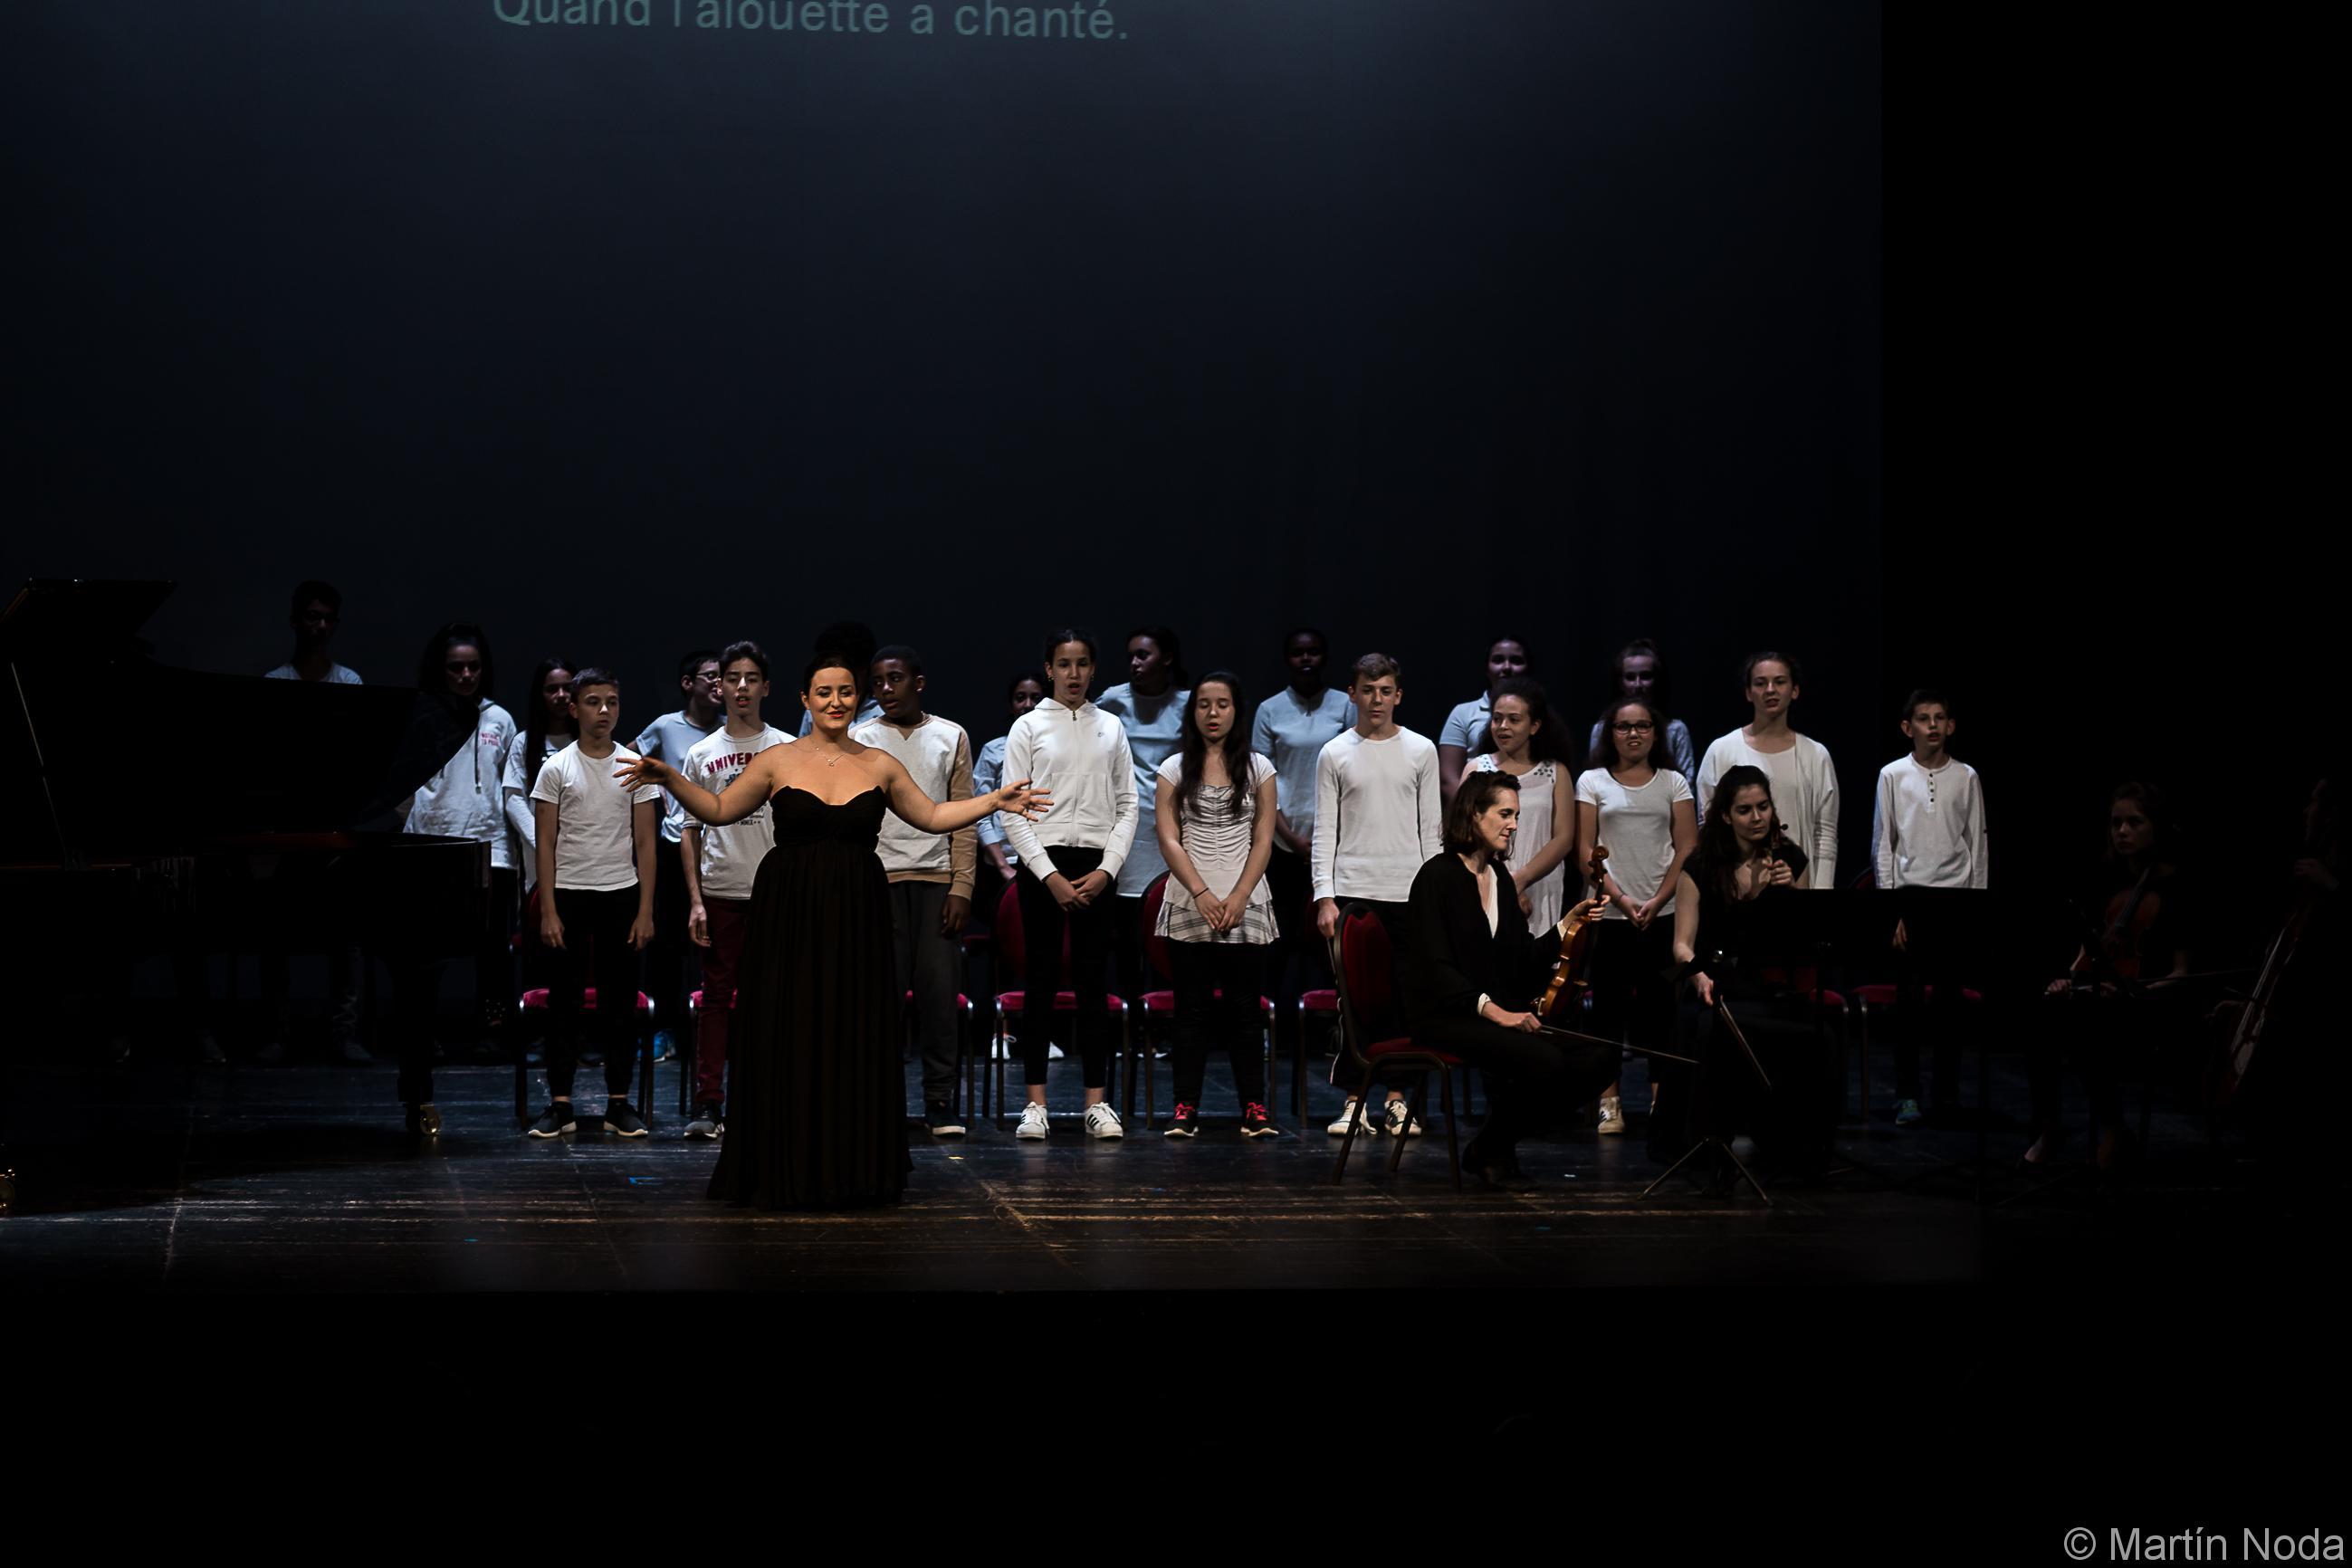 Marie Soubestre et la classe de 5ème du collège Côte Rousse de Chambéry